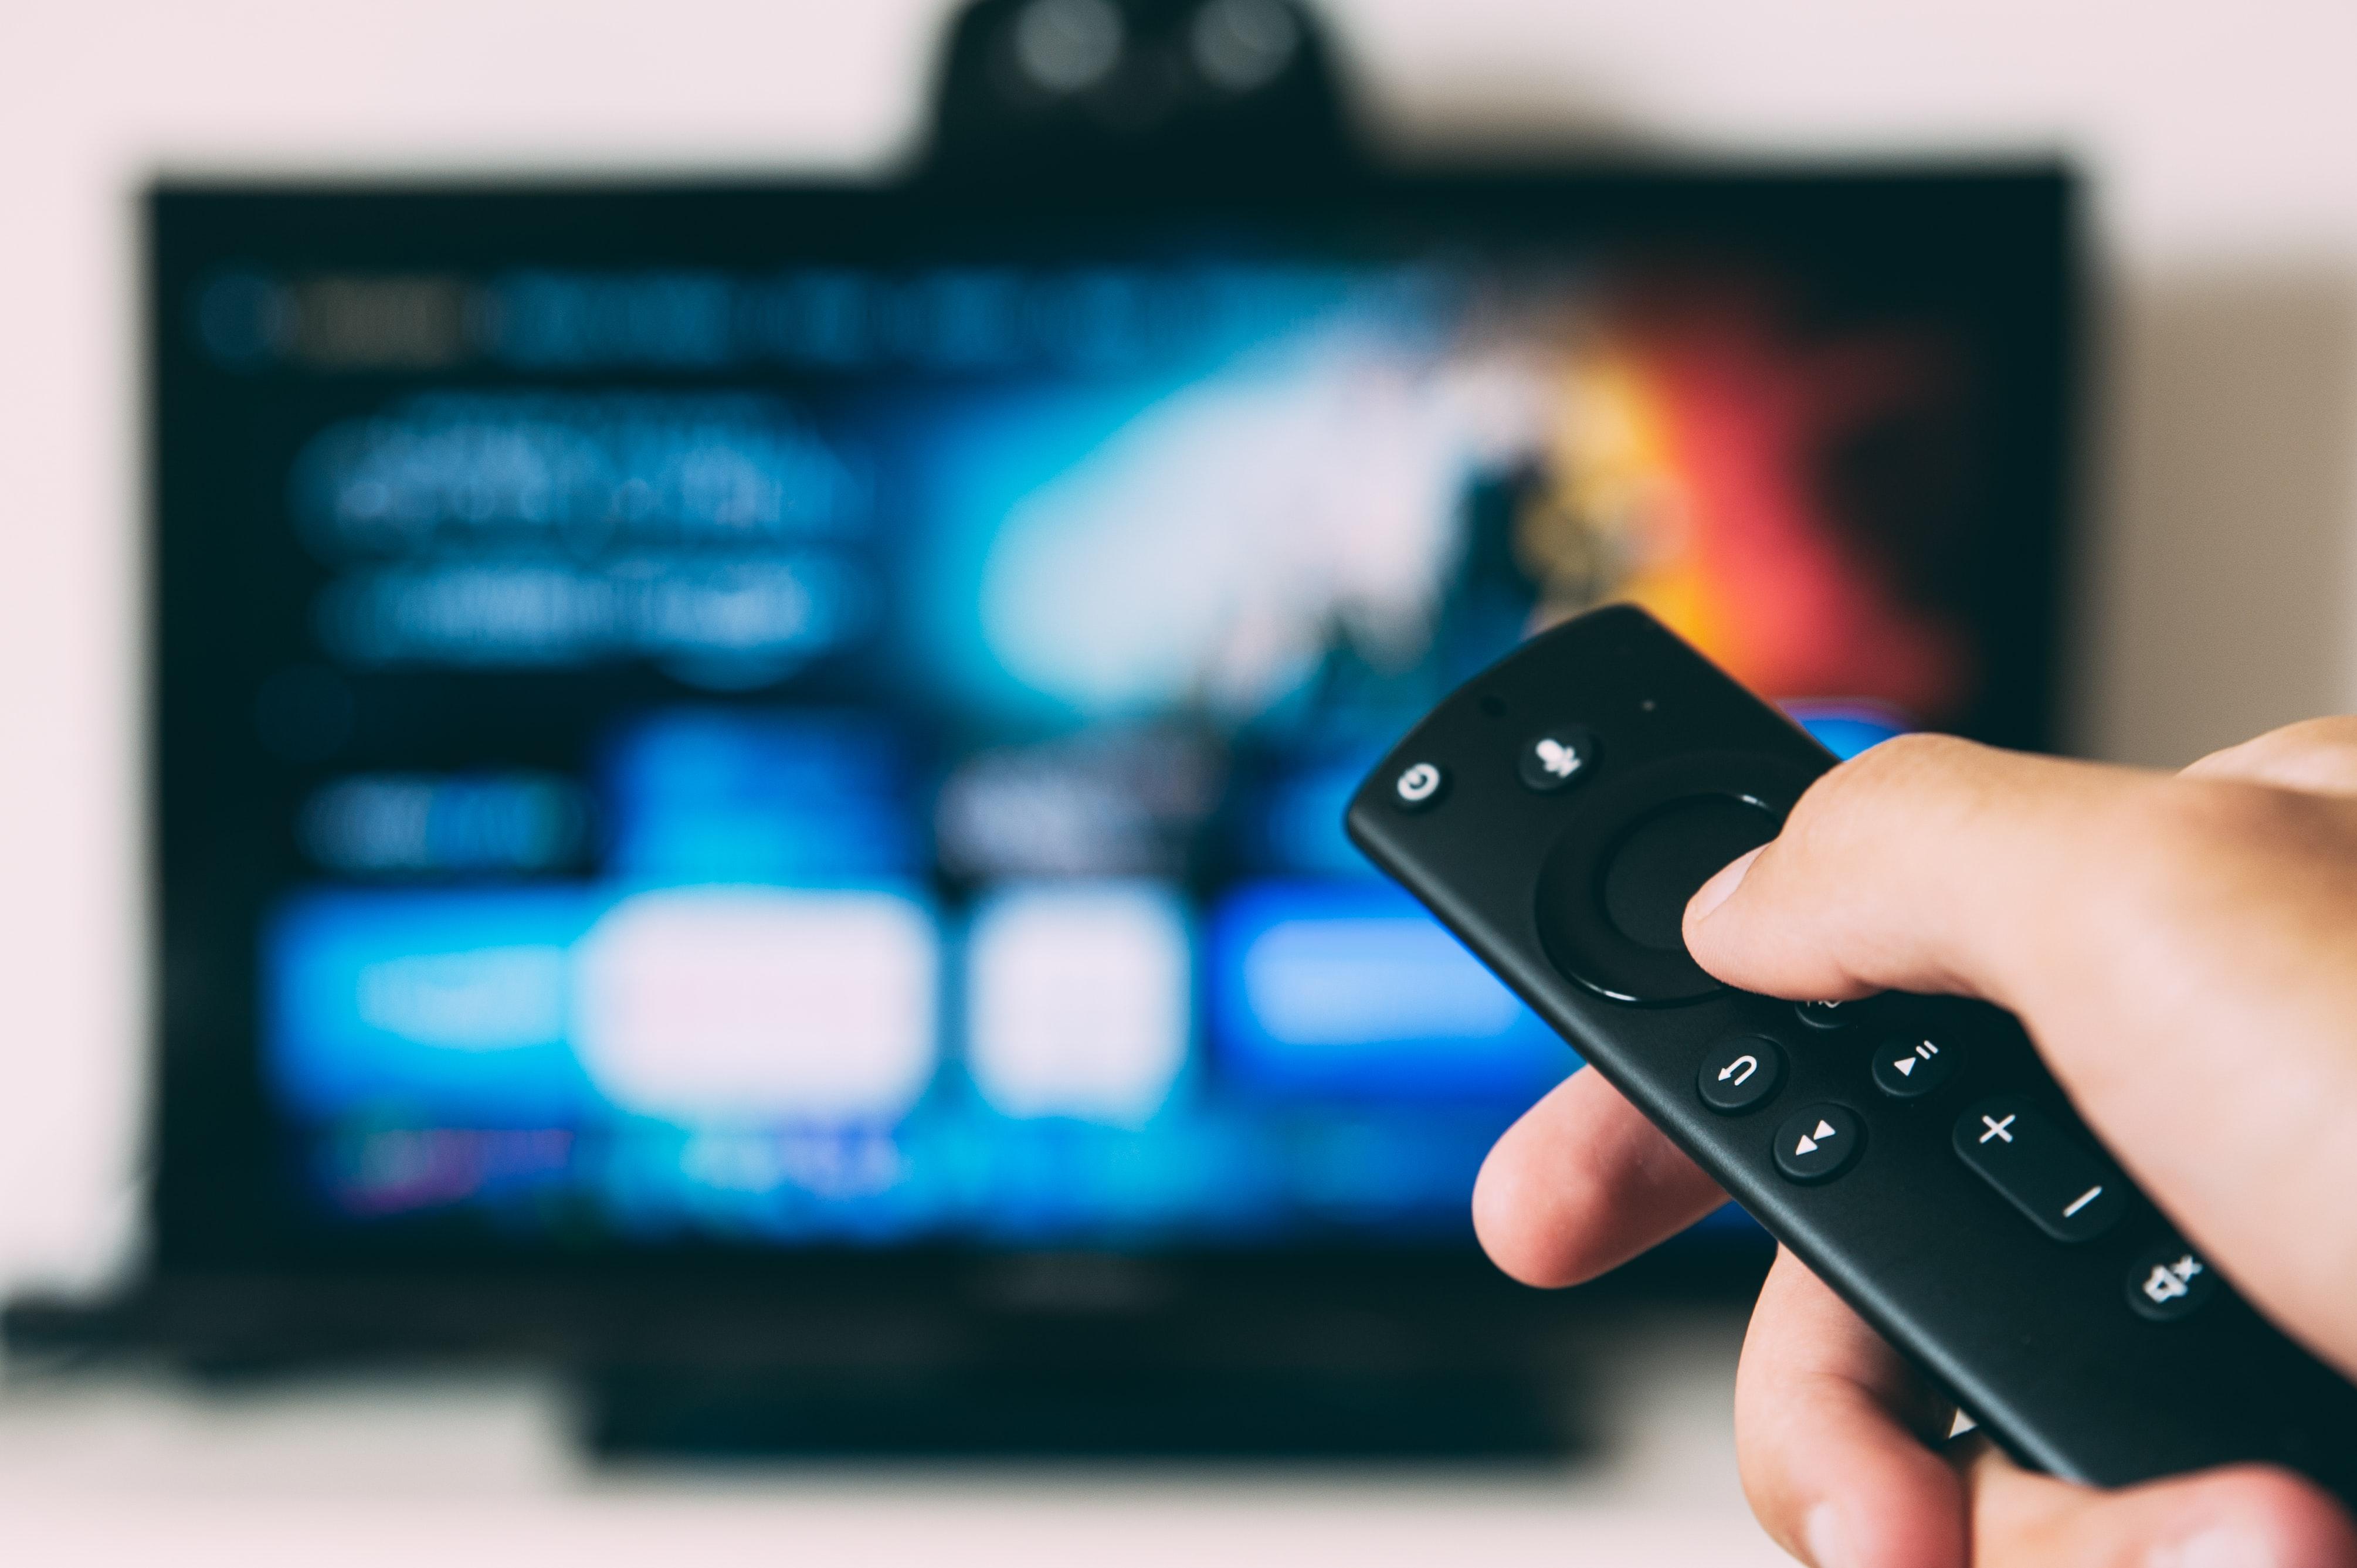 itsart streaming on demand su tv